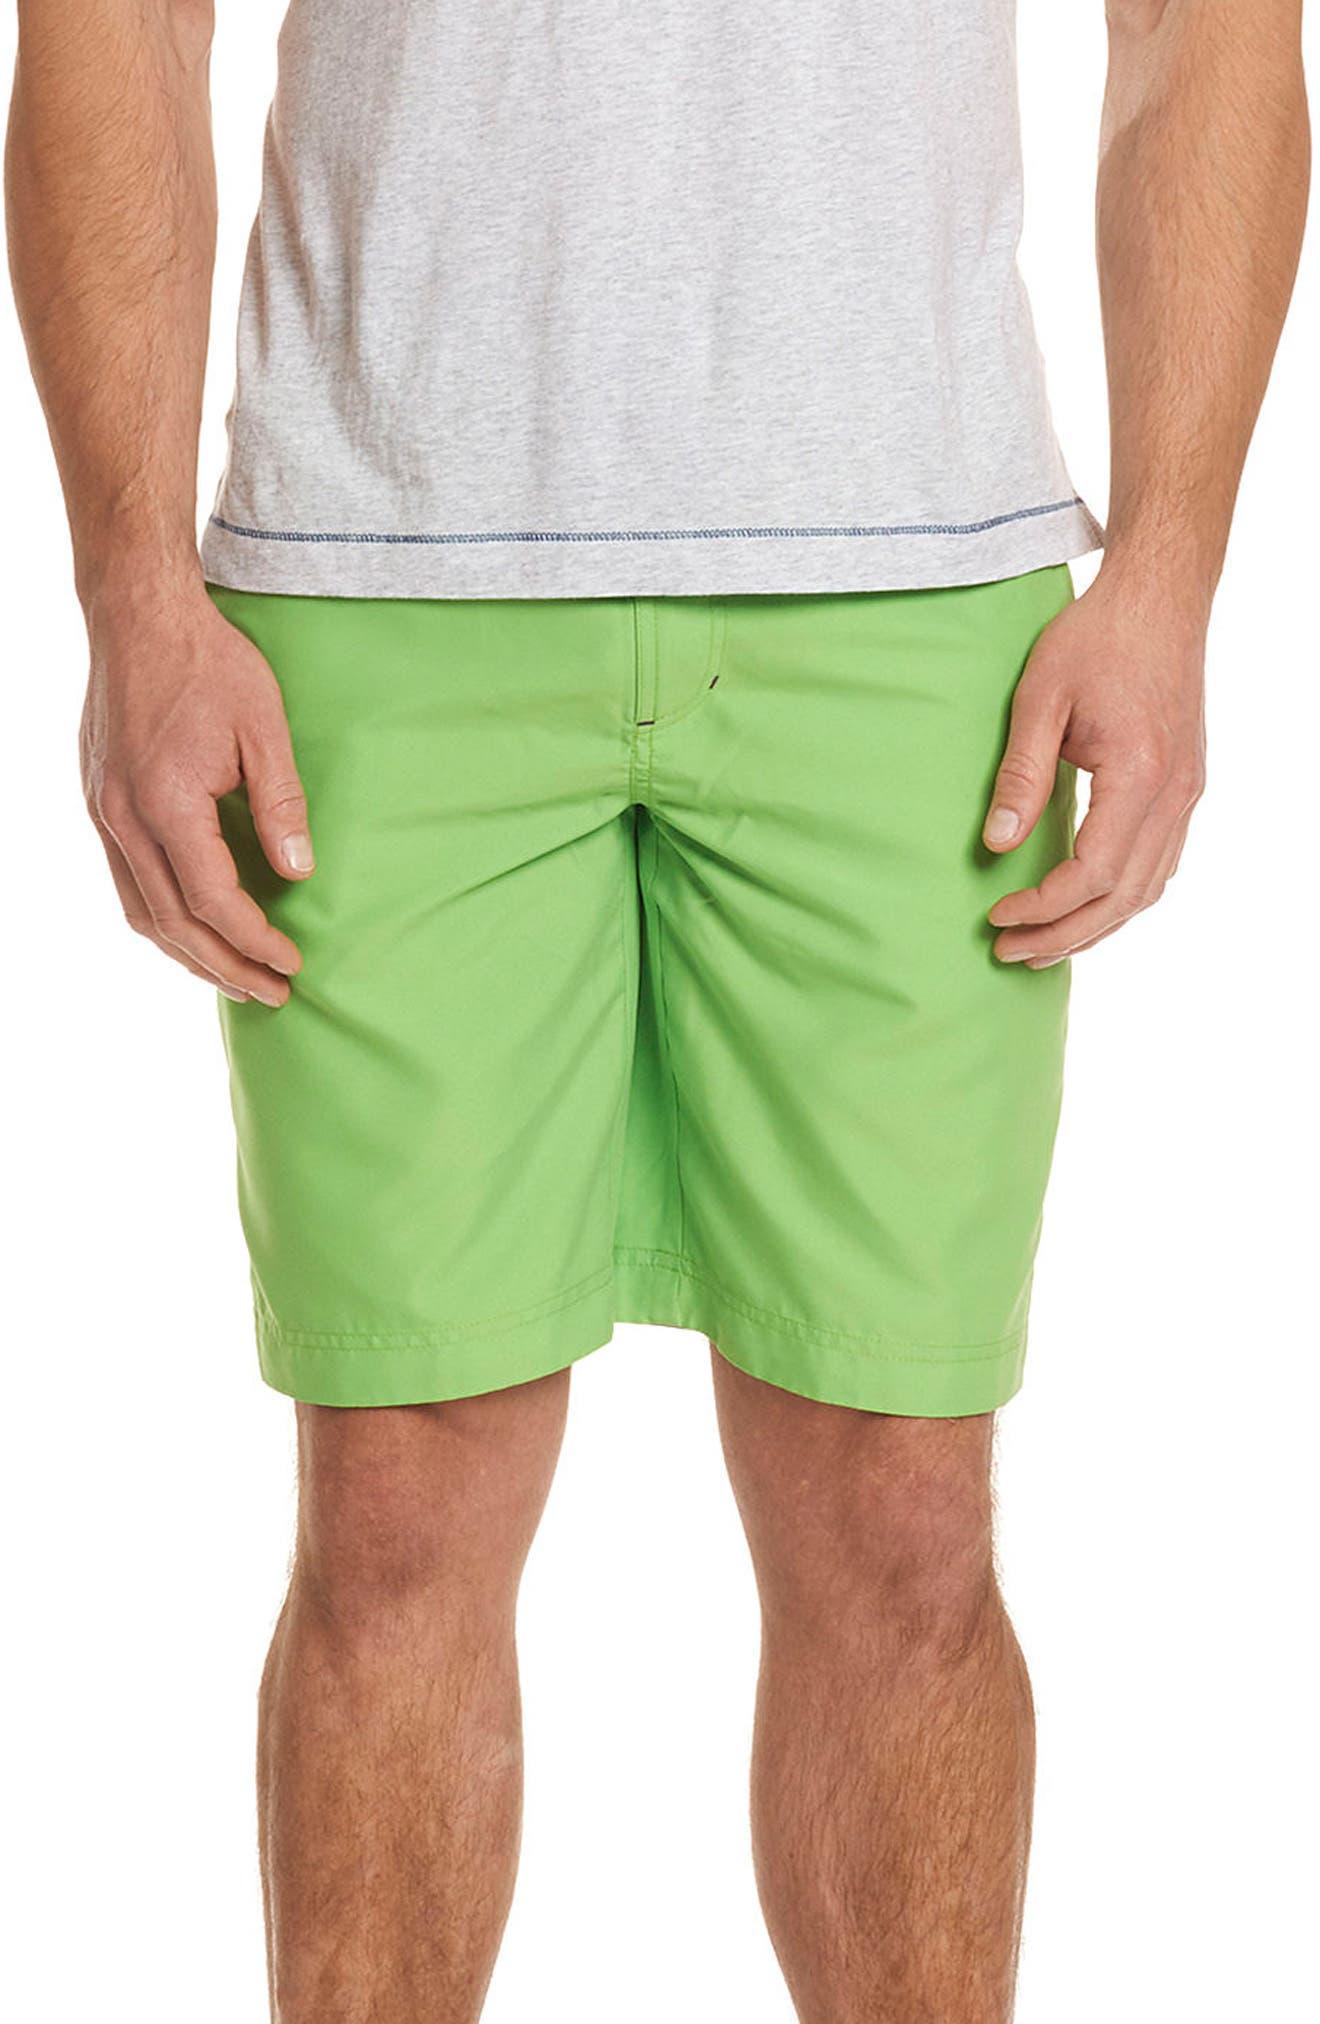 Dos Rios Swim Trunks,                         Main,                         color, Green